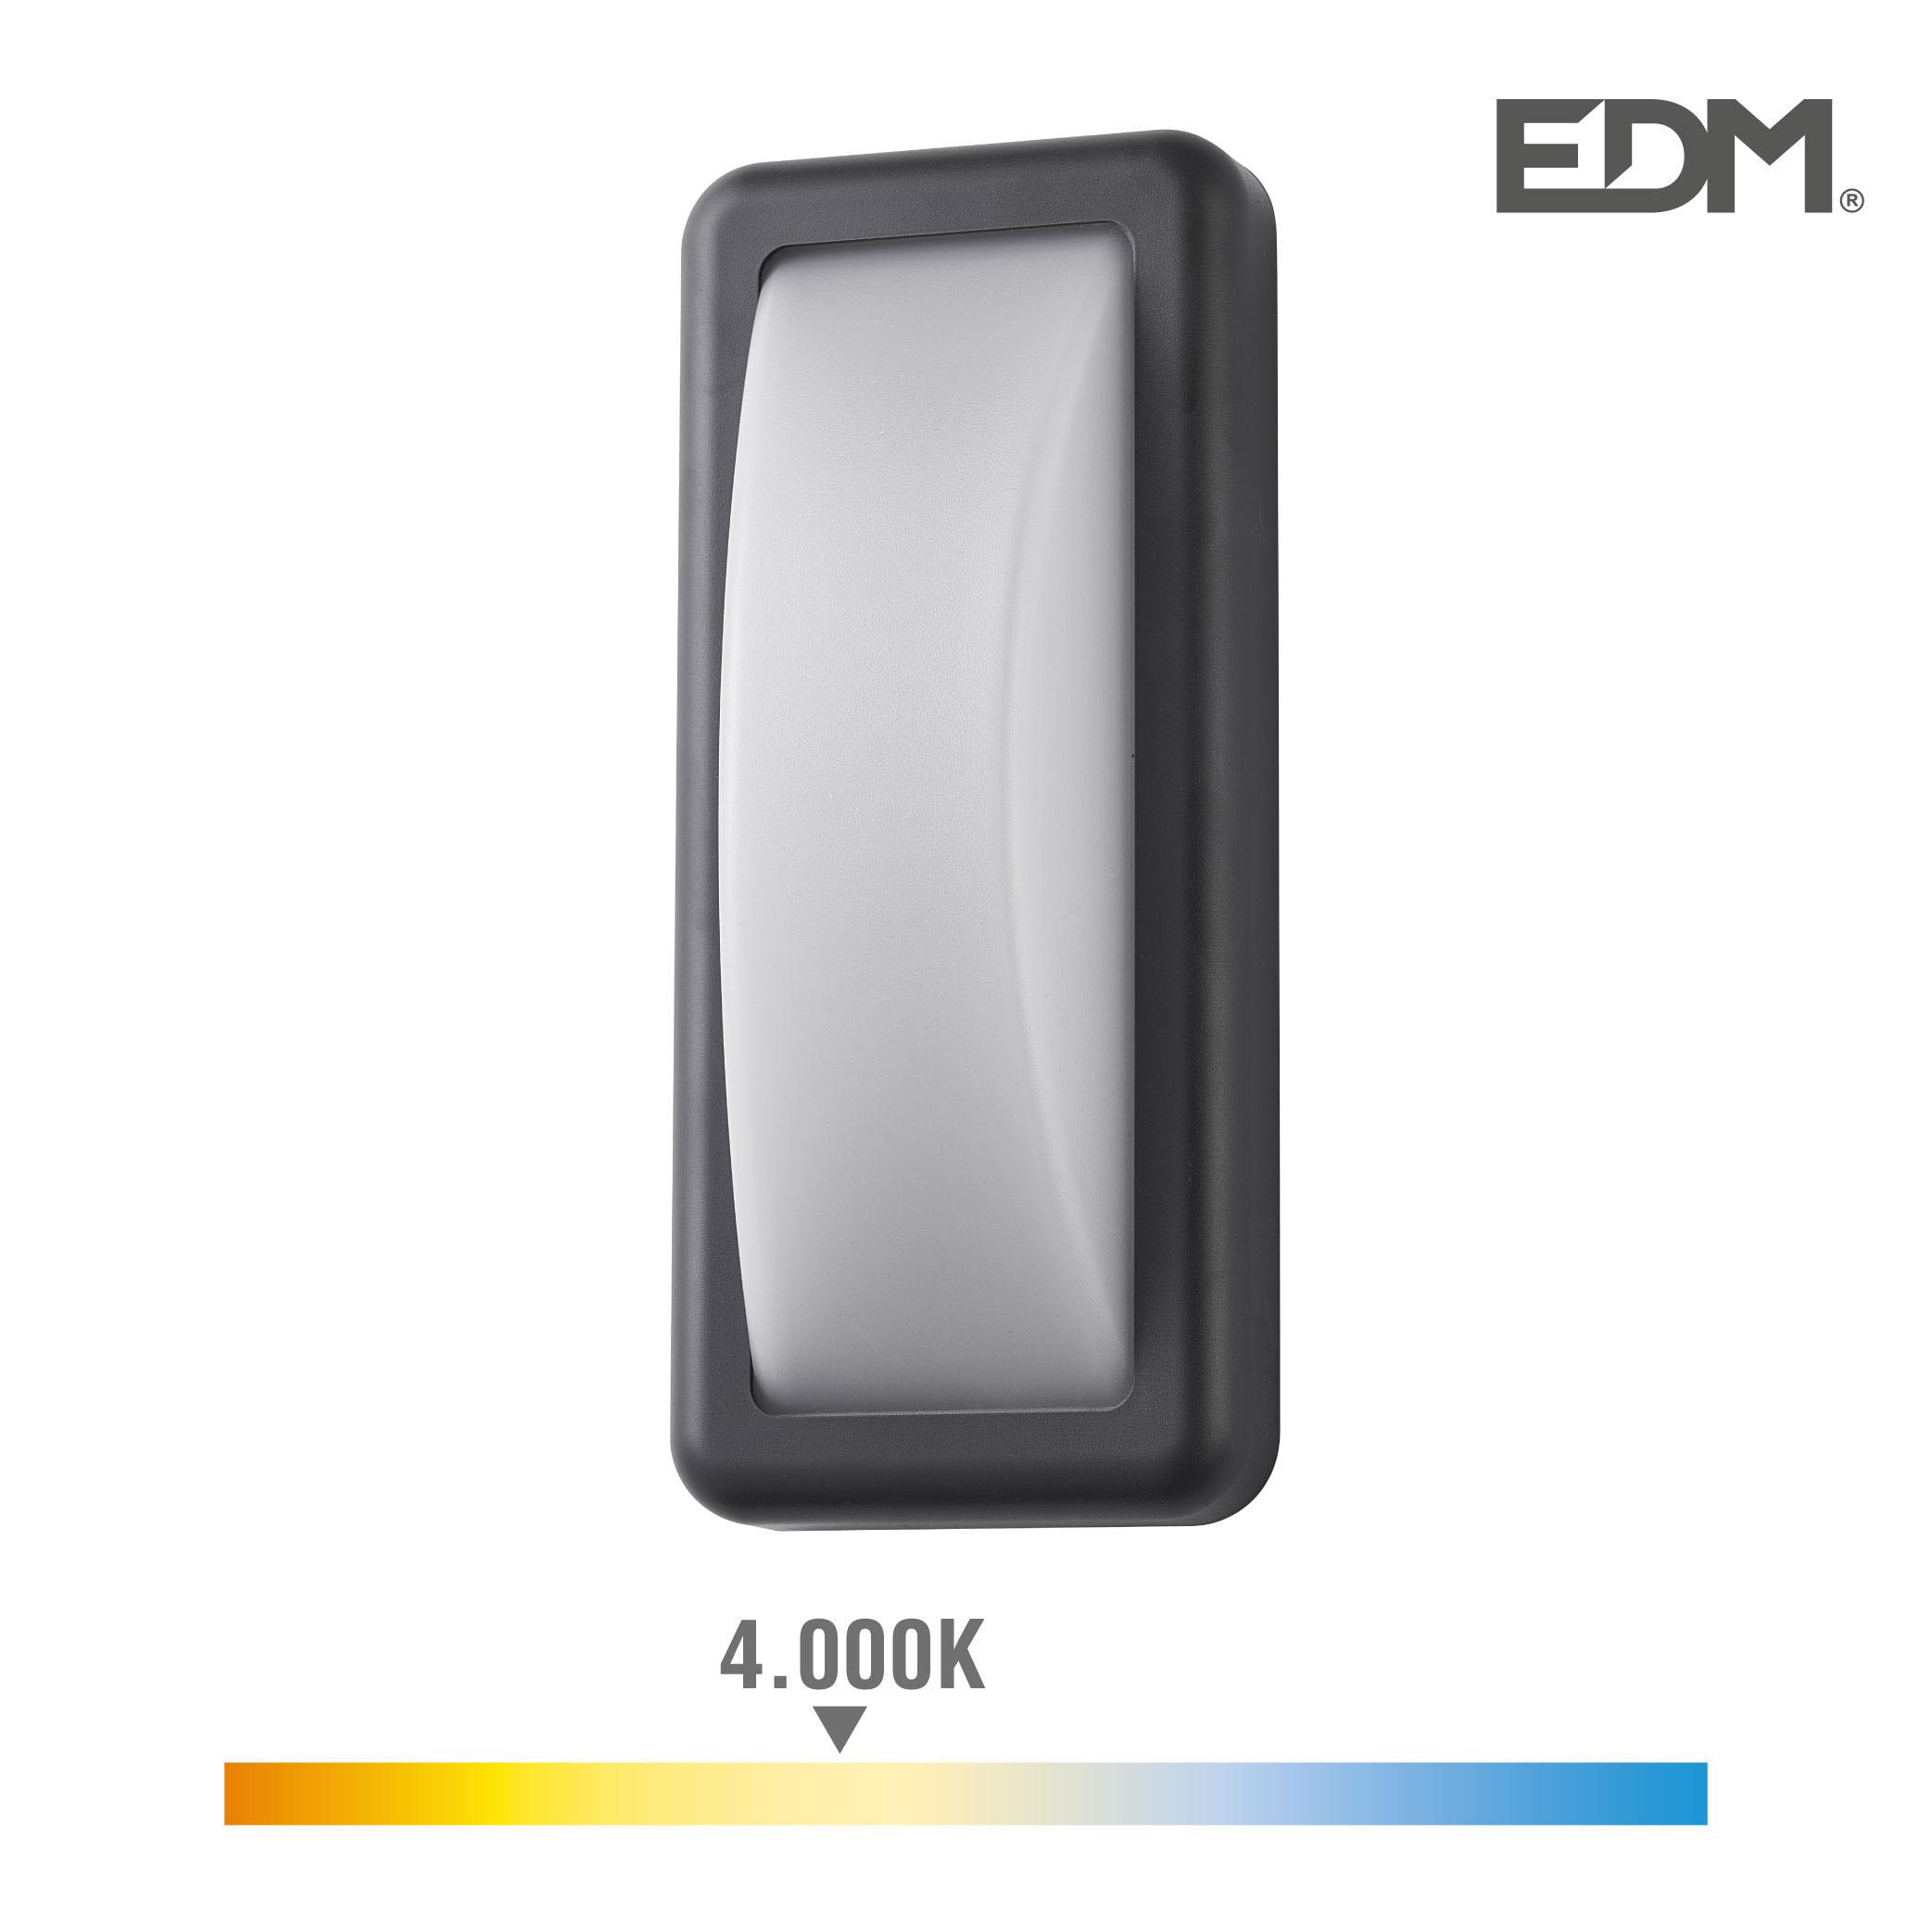 Aplique led 6w 450 lumen 4.000k luz dia ip65 rectangular edm